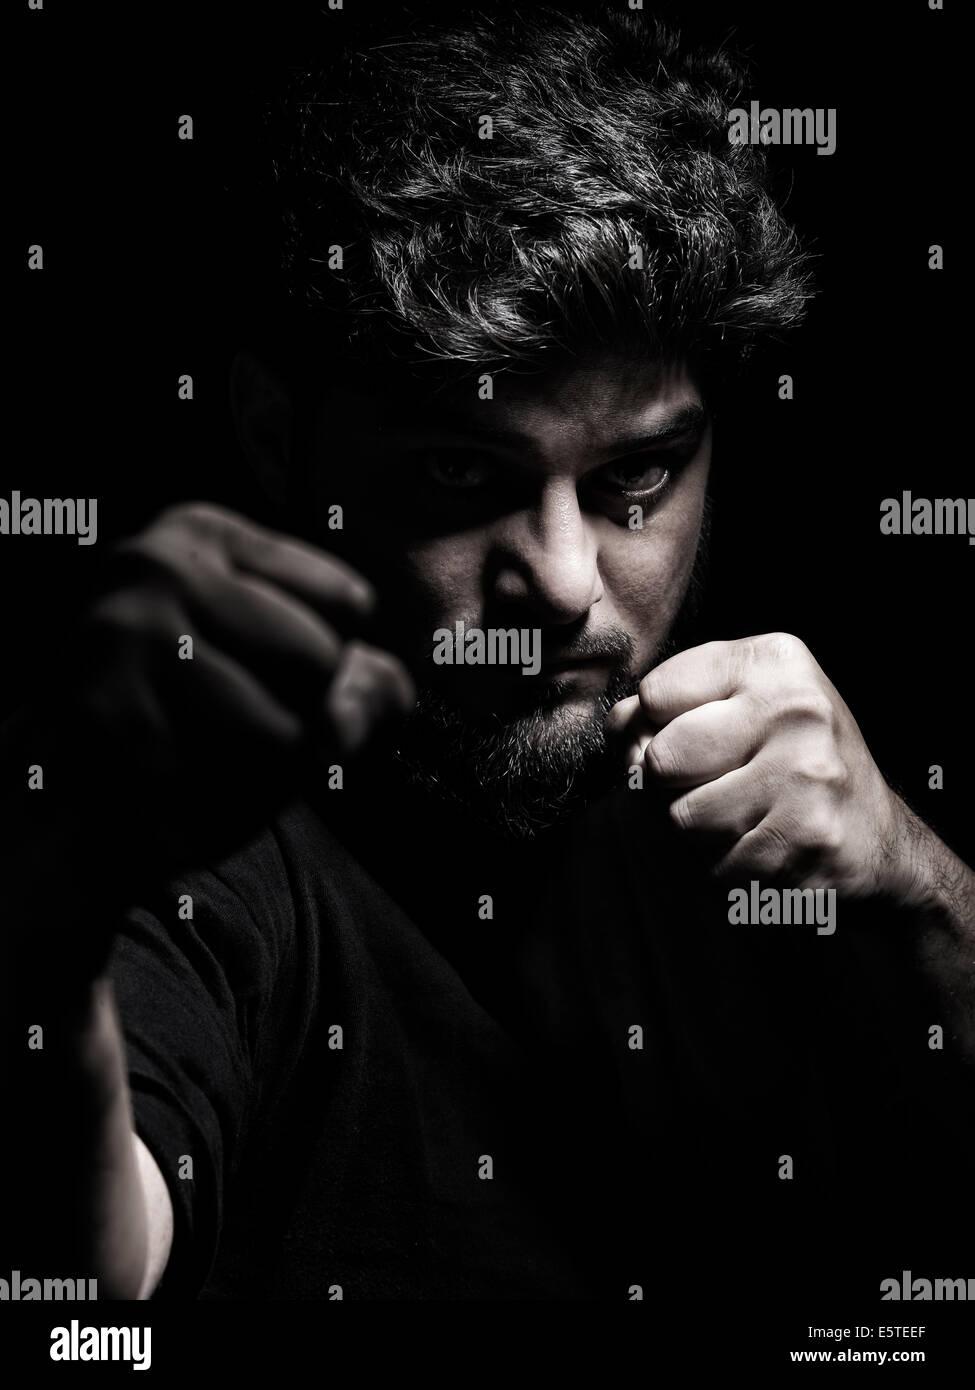 Portrait dramatique d'un homme dans une position de combat avec les poings devant son visage Banque D'Images